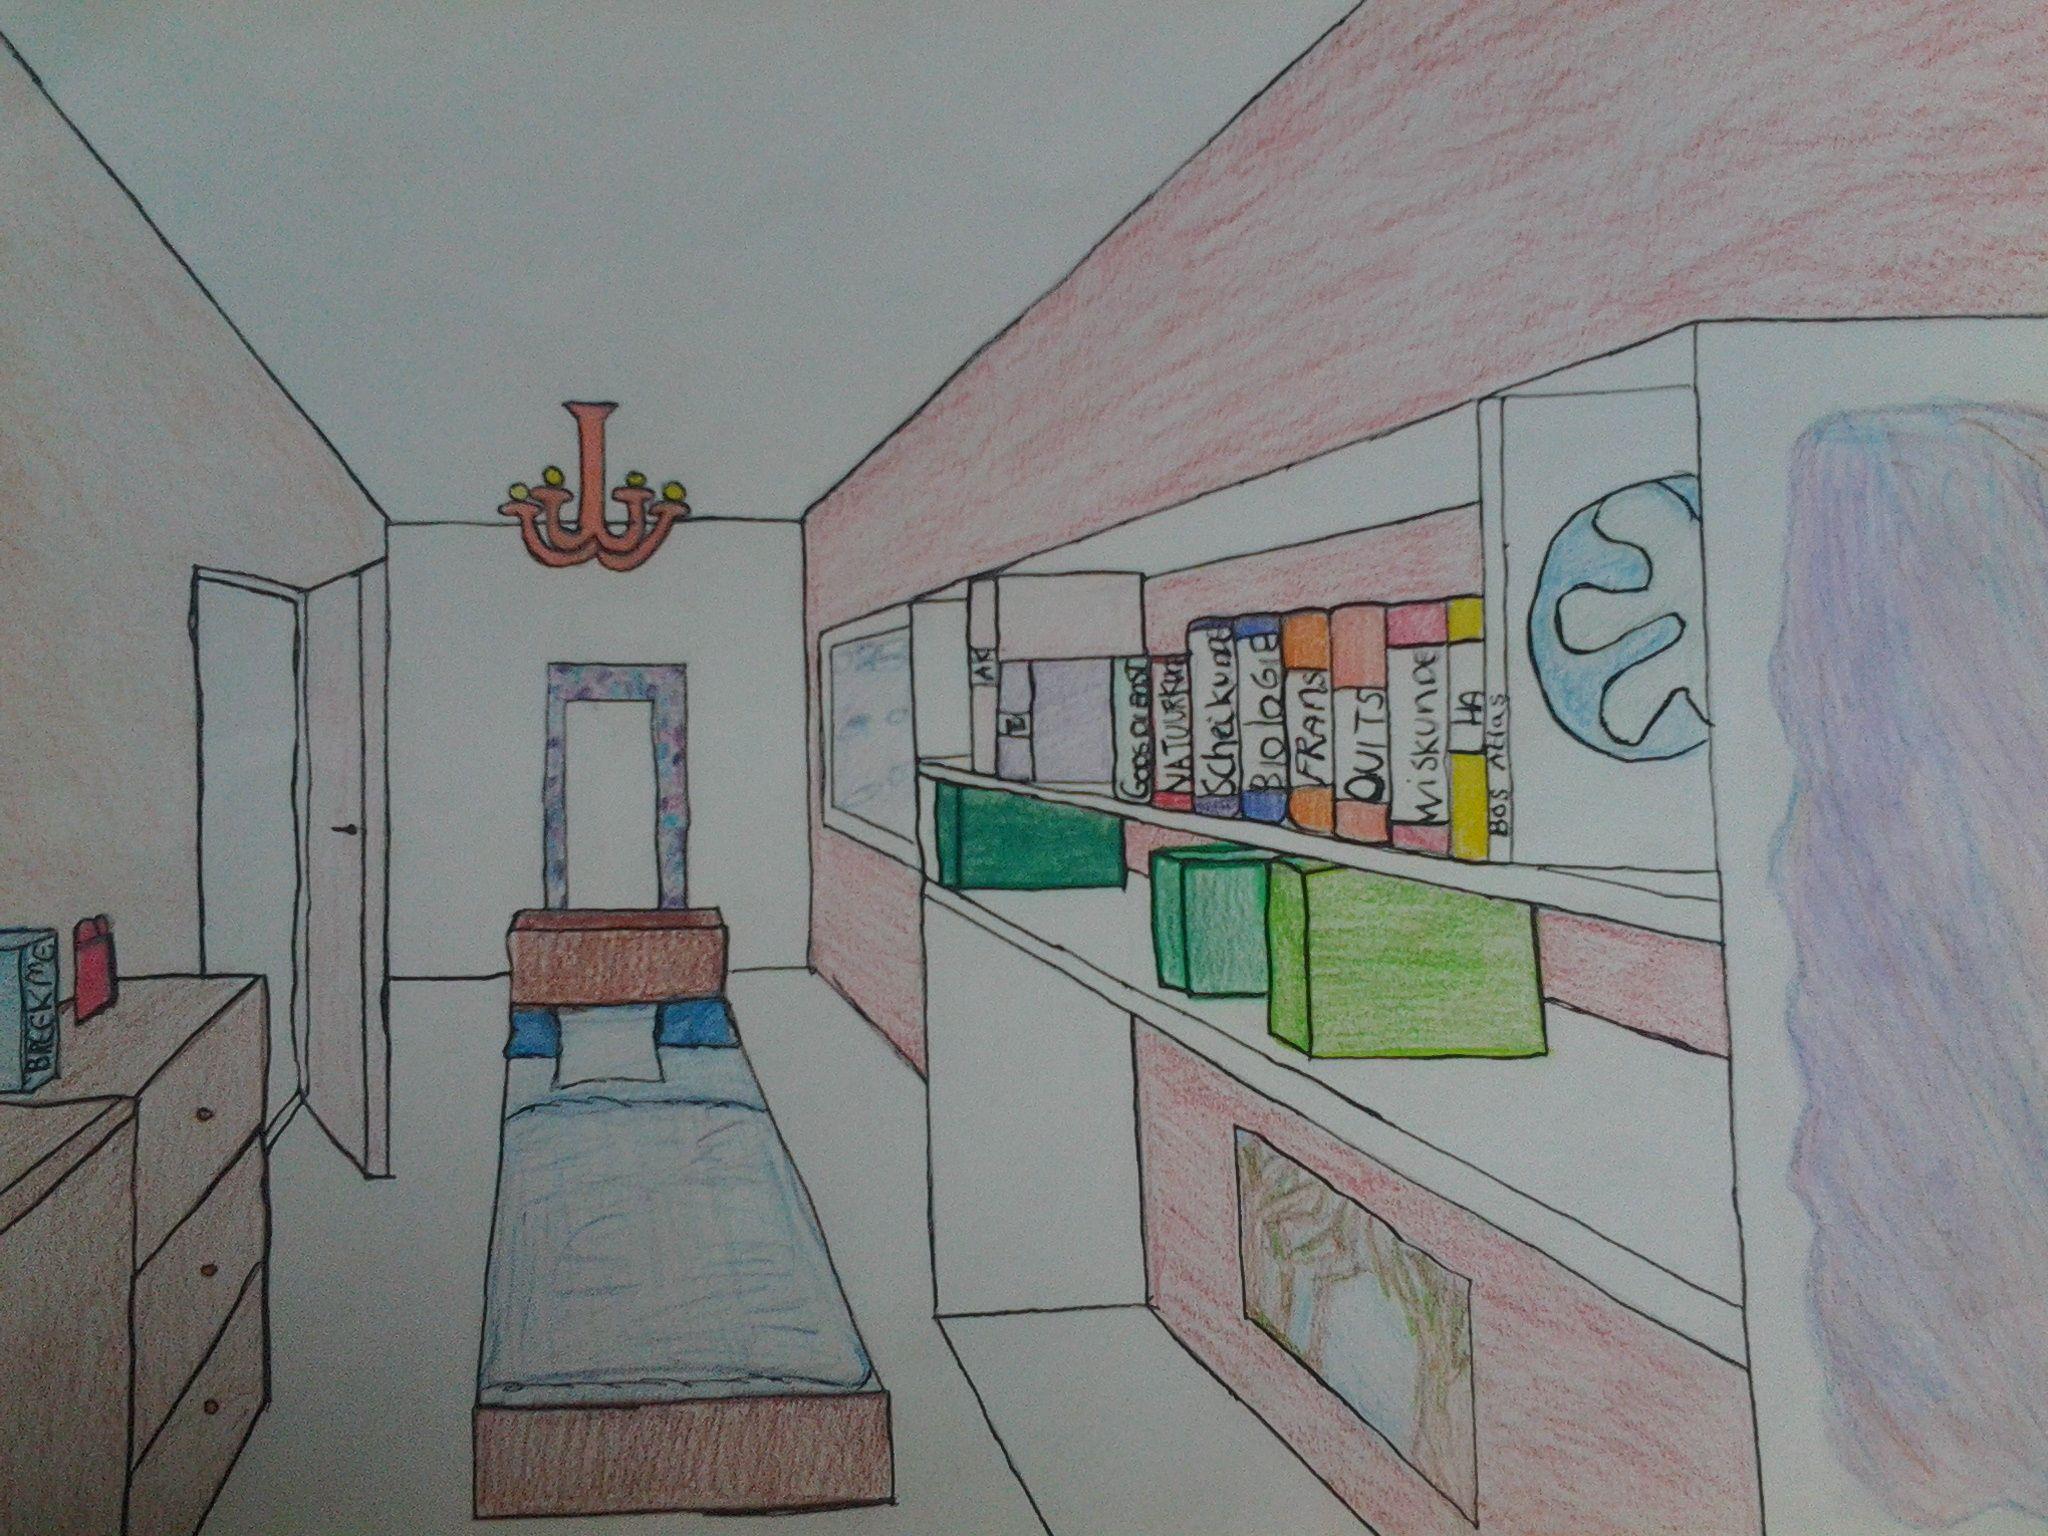 Kamer in perspectief opdracht tekenen pinterest for 3d slaapkamer maken